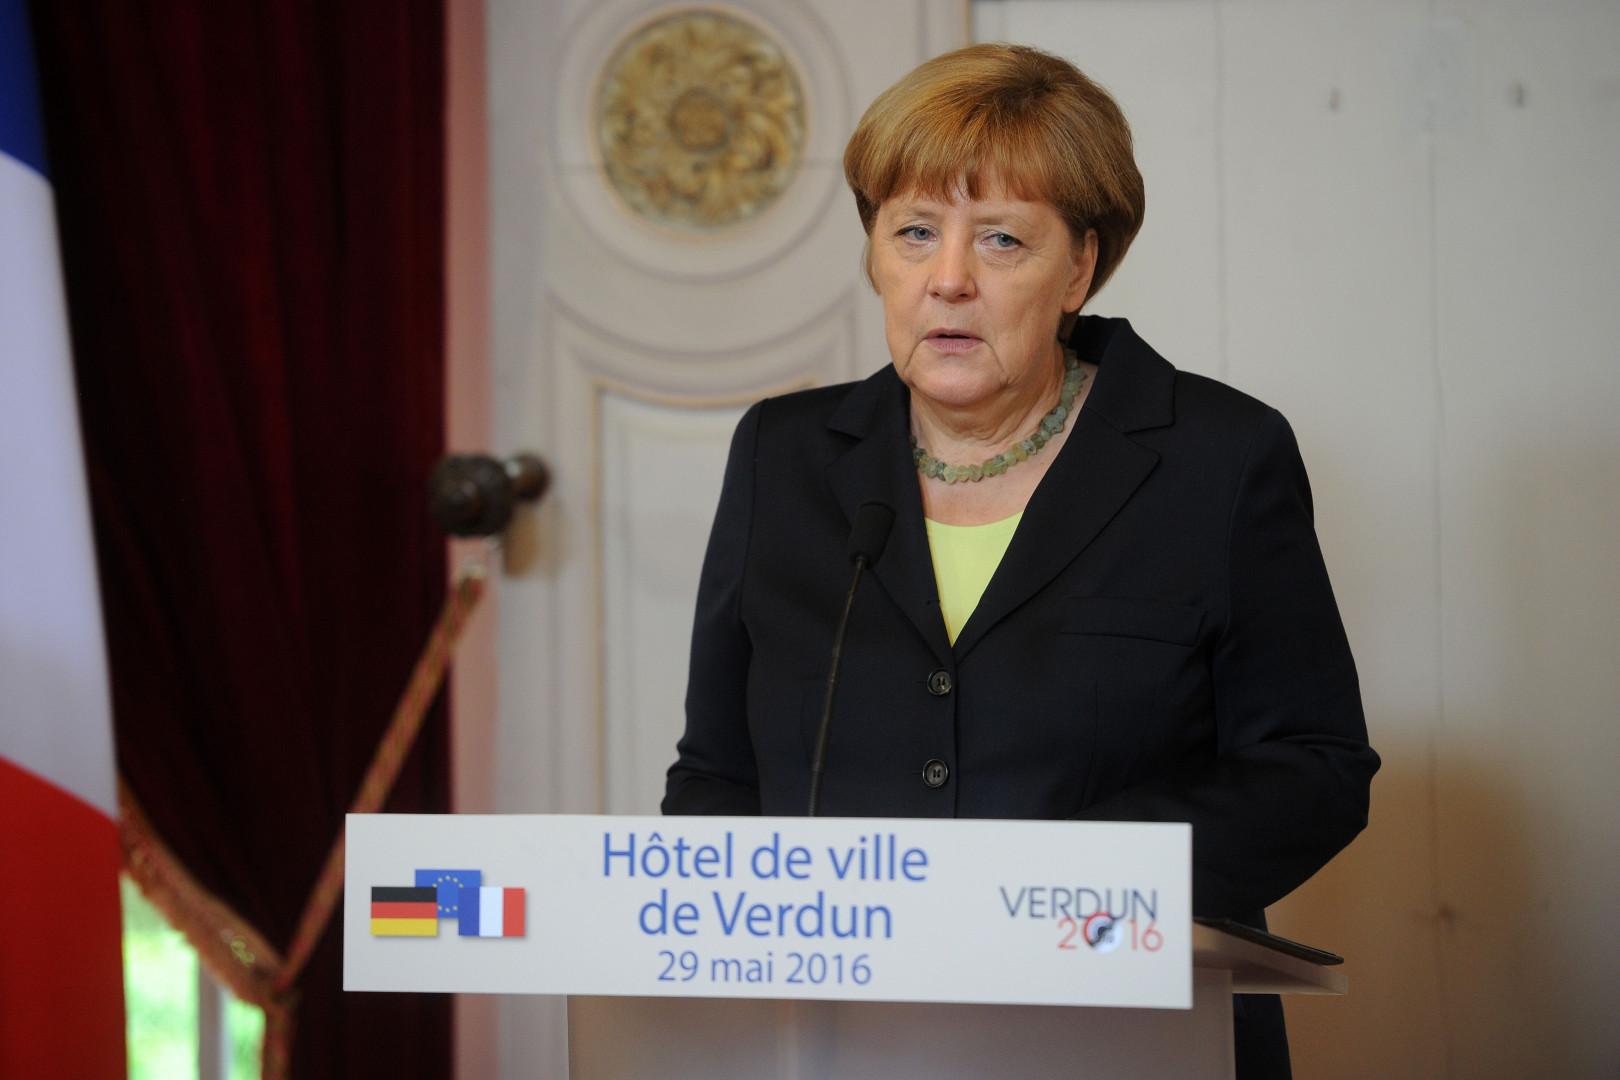 Pour la première fois un représentant allemand s'est rendu à la Mairie de Verdun